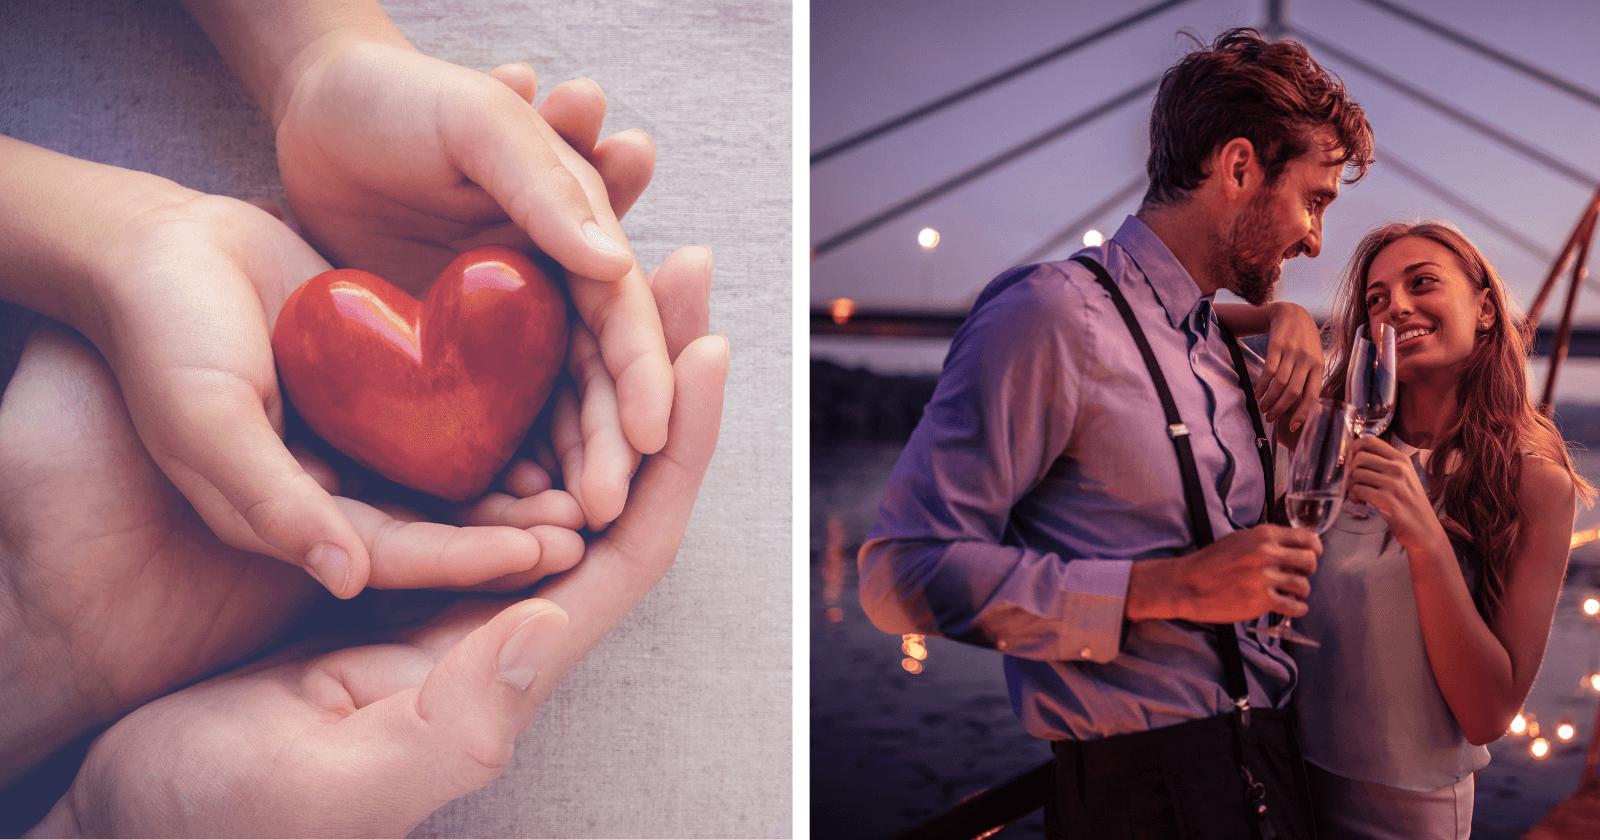 68 Frases para Refletir sobre RELACIONAMENTOS: será que é amor?